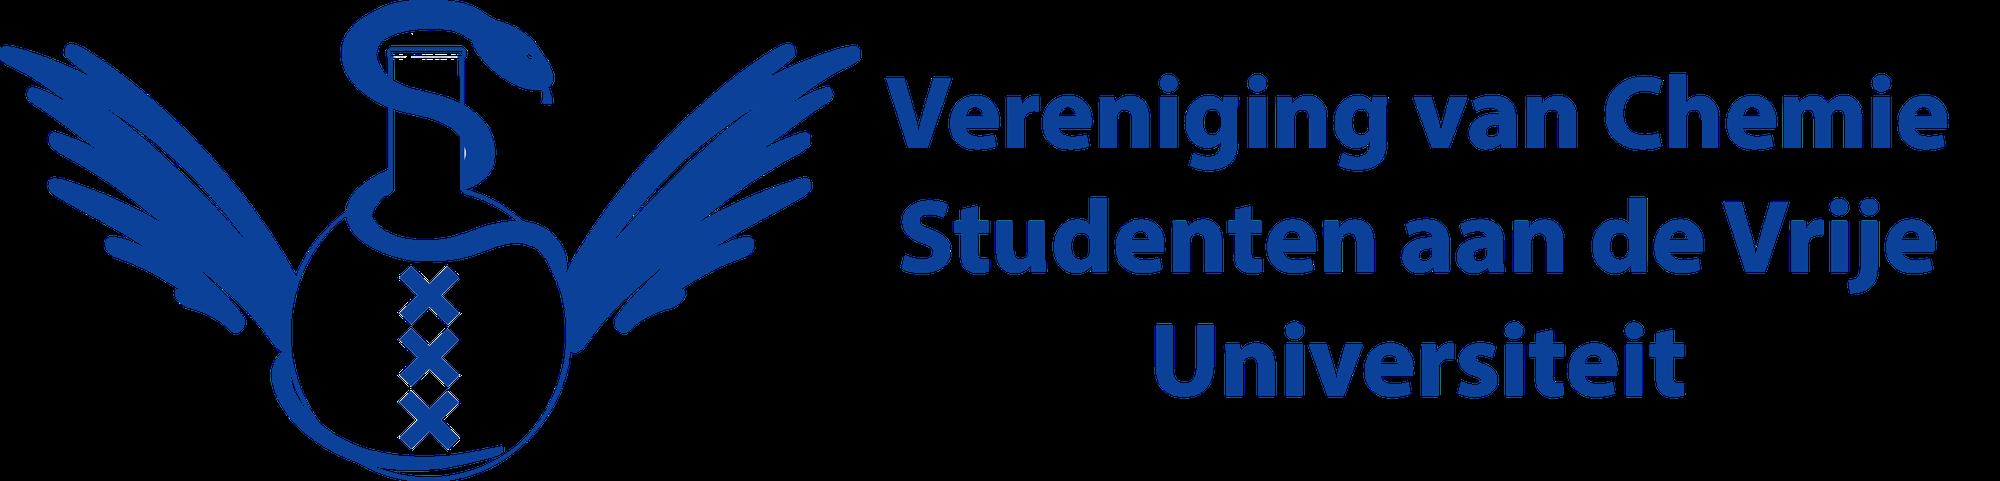 VCSVU on social media